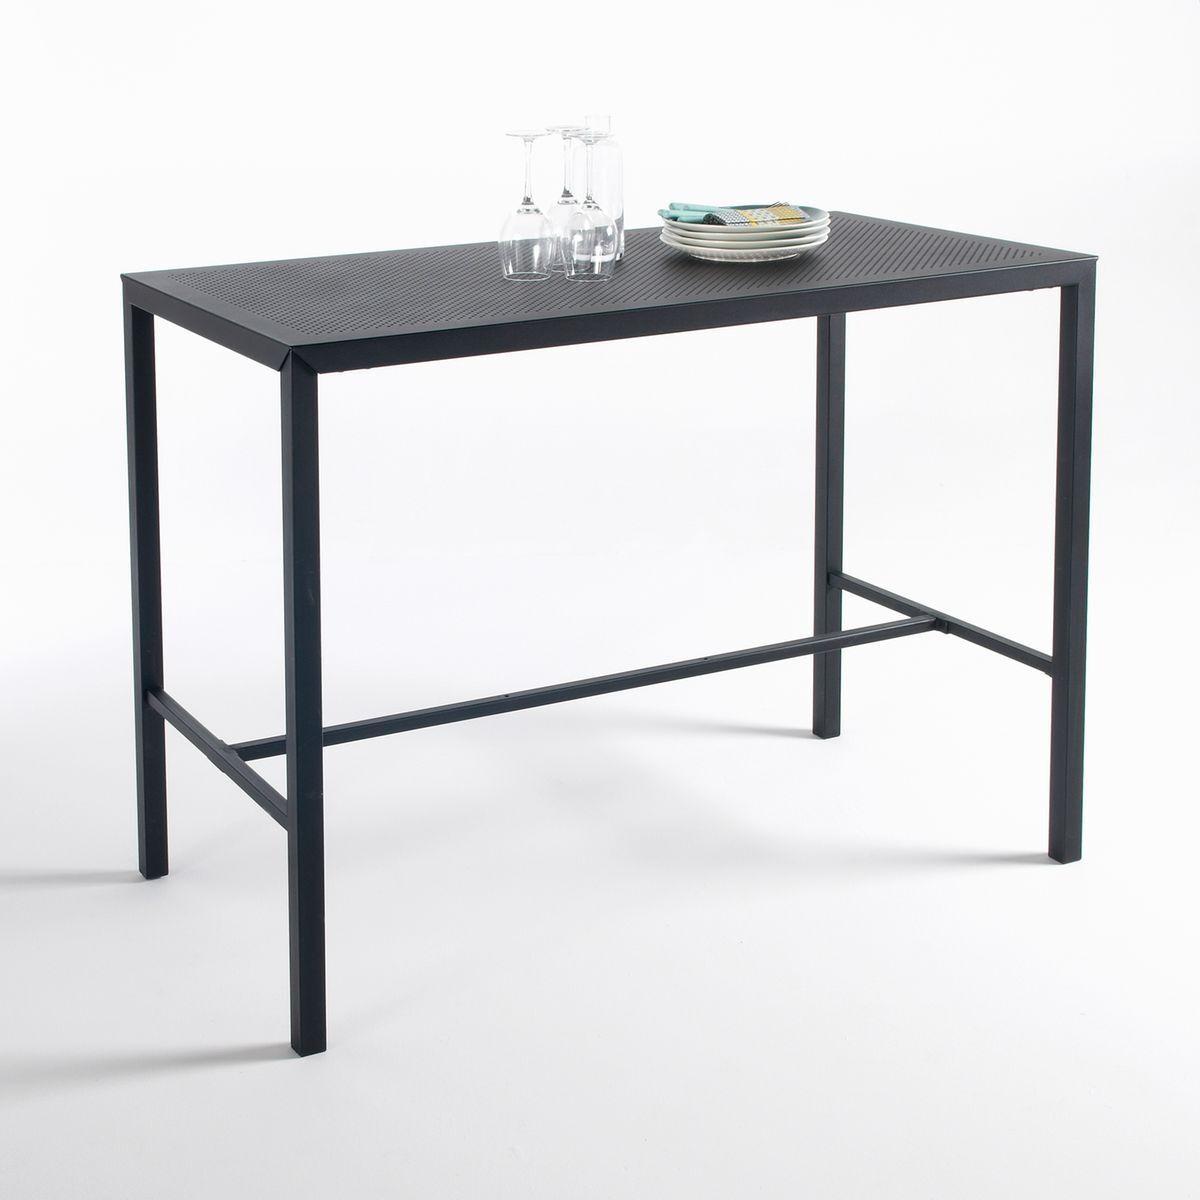 La Redoute Table haute mange-debout métal perforé, Choe - LA REDOUTE INTERIEURS